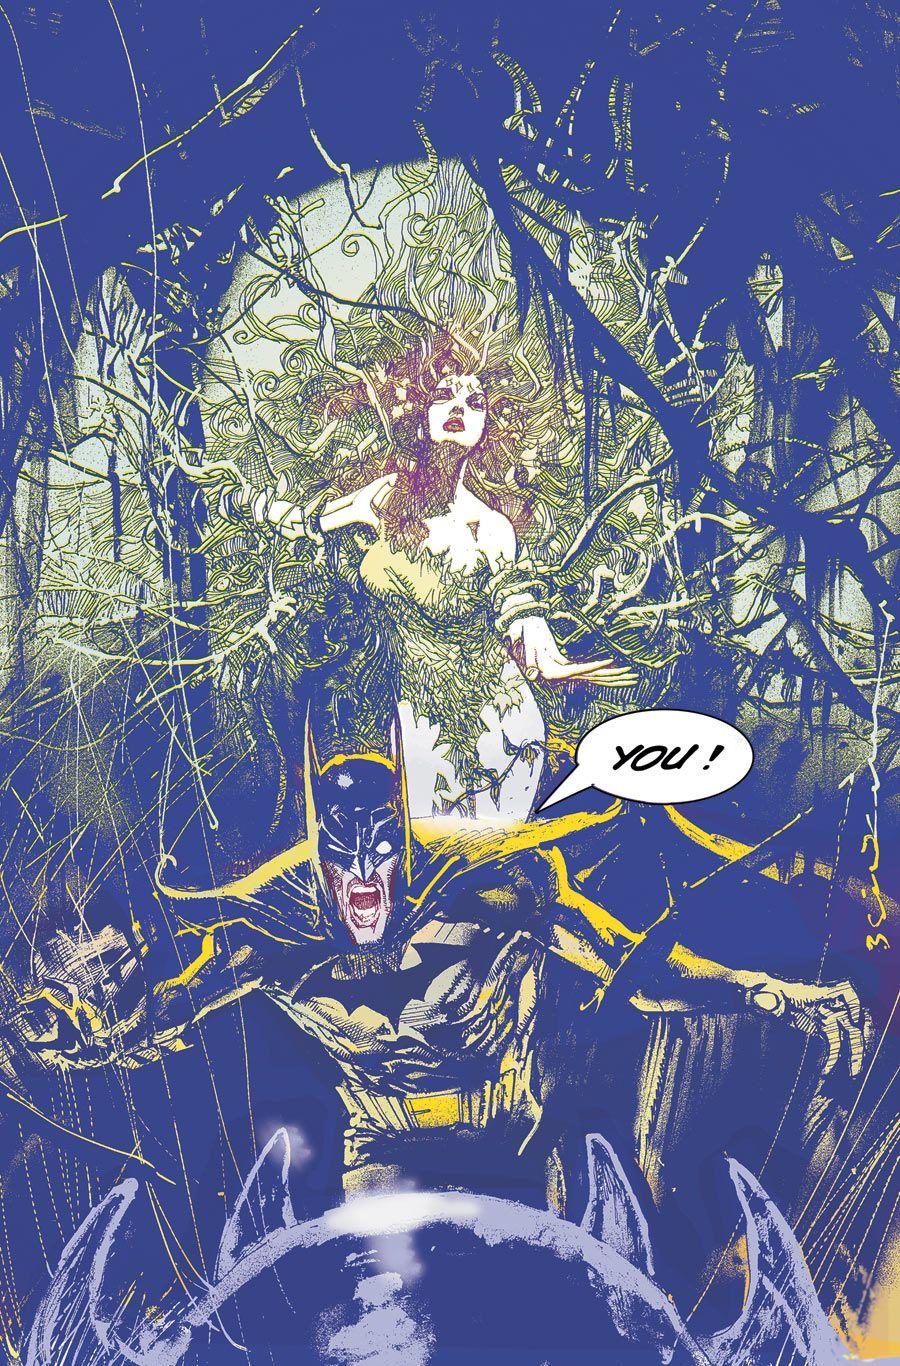 Batman Bill Sienkiewicz).